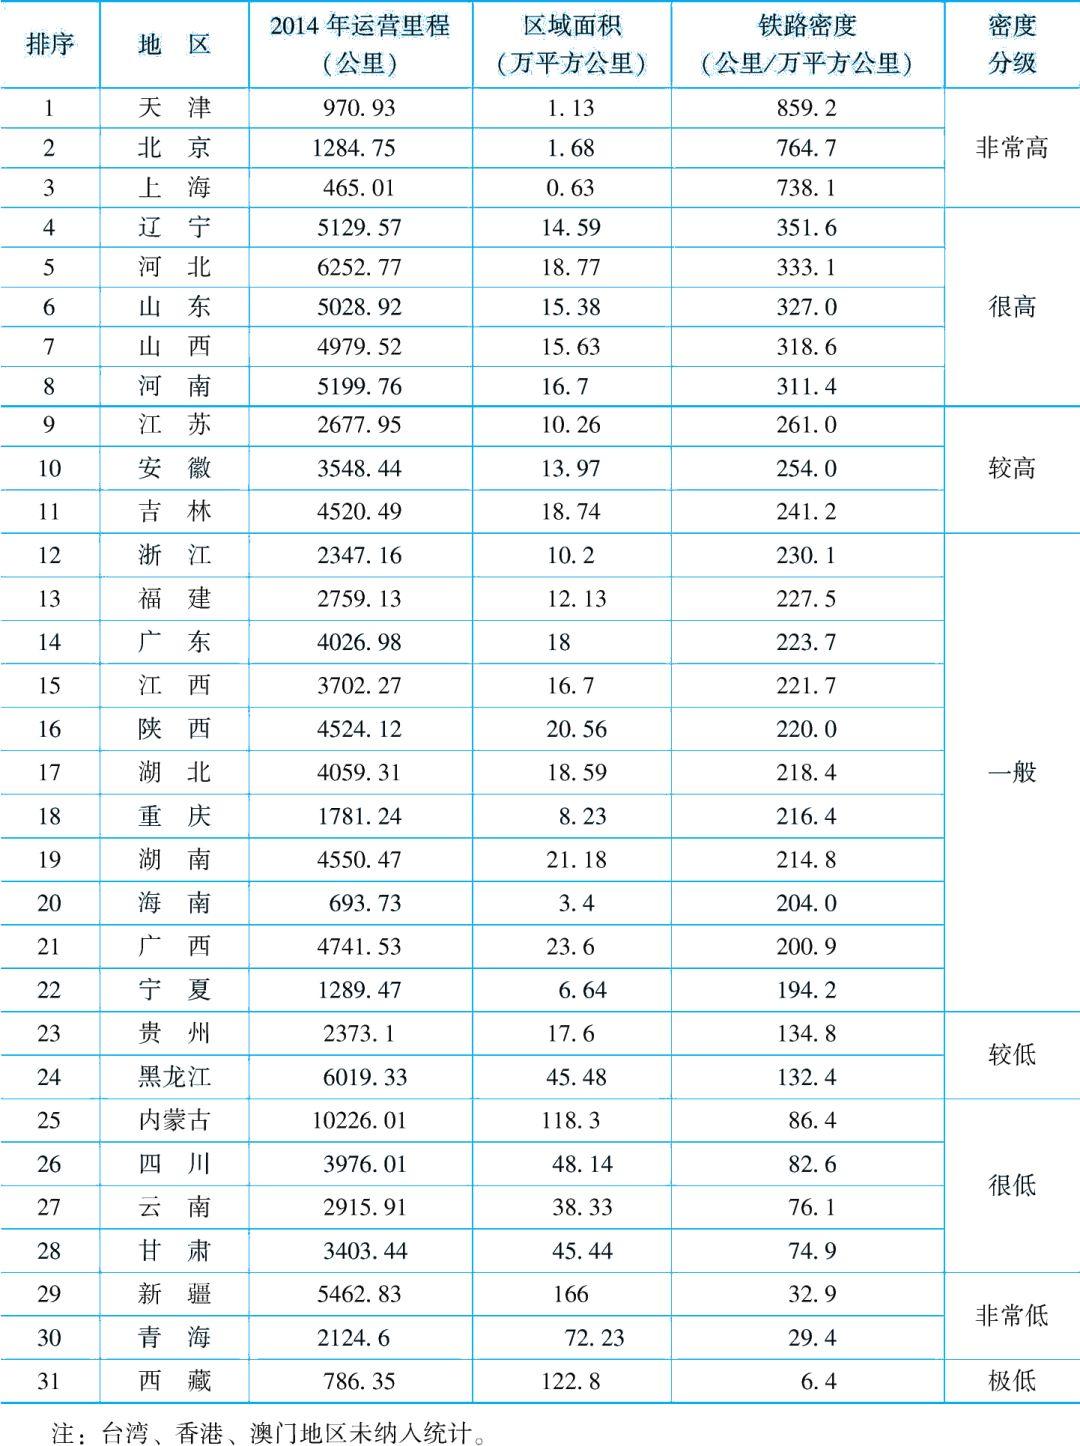 中国各省域铁路密度排名发布 第一竟然是它